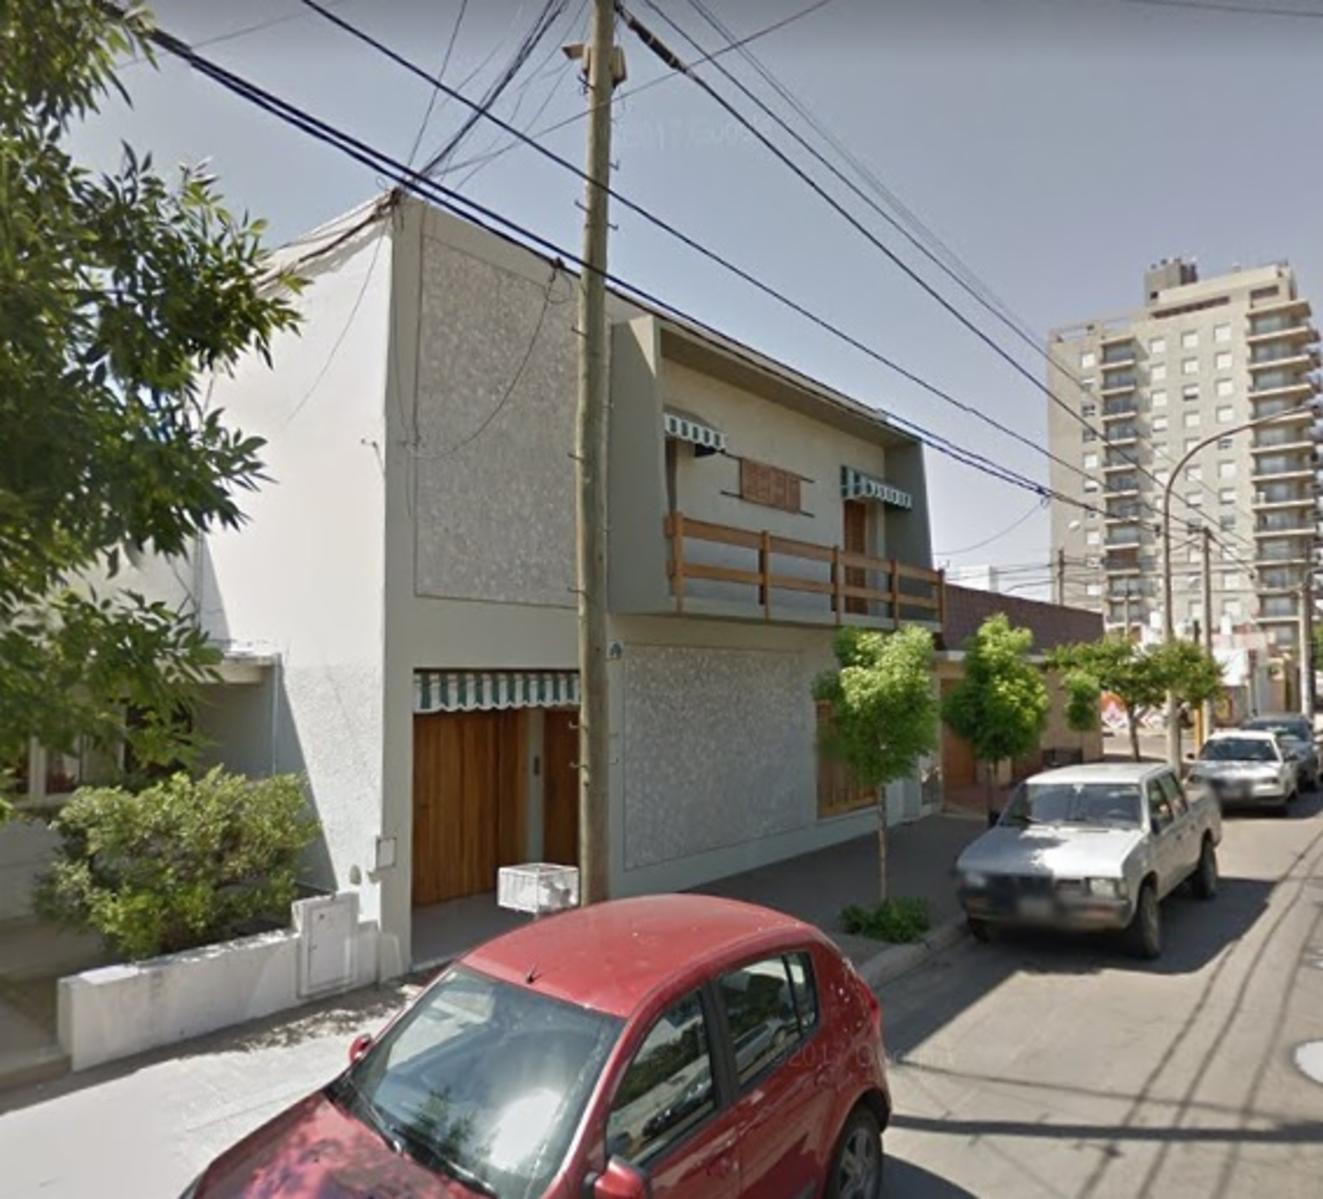 CASA AMPLIA N EL CENTRO MUY BUENA, Guillermo Sanchez Desarrollos Inmobiliarios